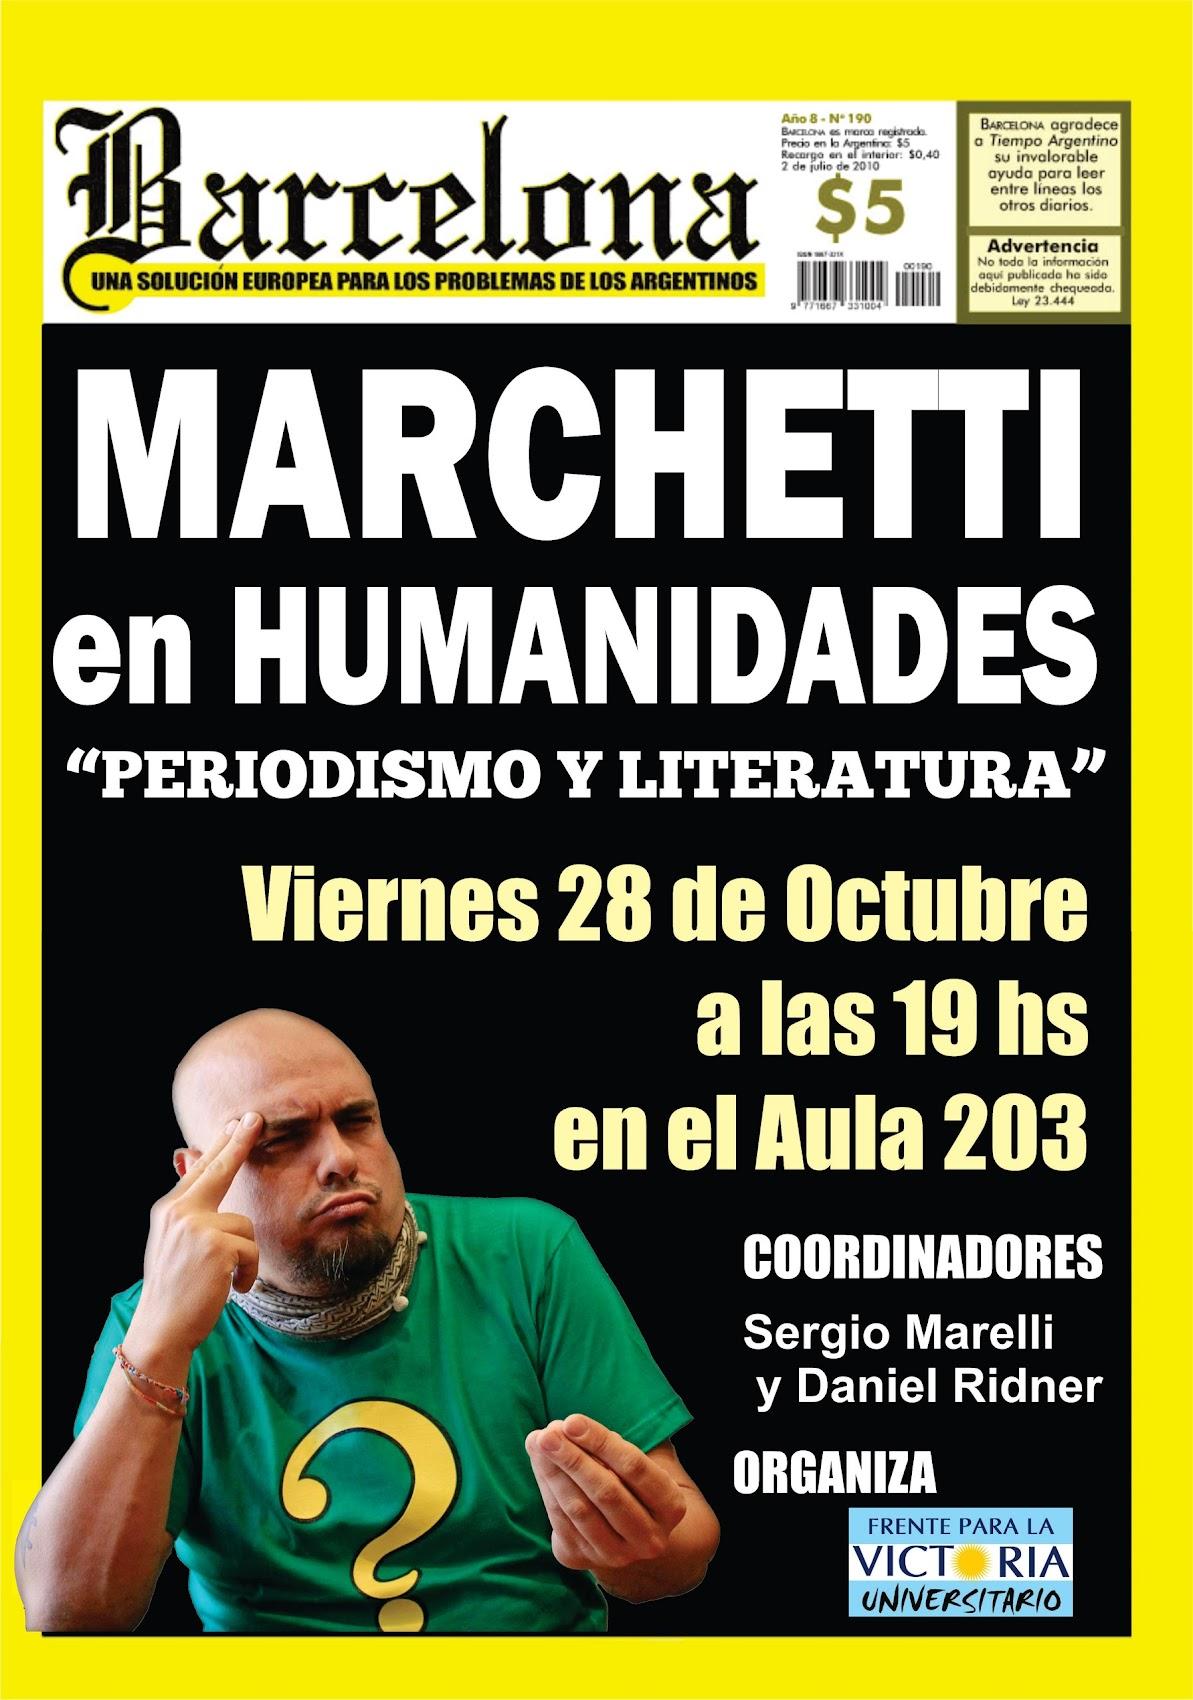 http://1.bp.blogspot.com/-YWoNq7LcPQ4/TqkwNIt53eI/AAAAAAAAHdo/E48mqi1XHO8/s1700/marchetti+FPV.jpg